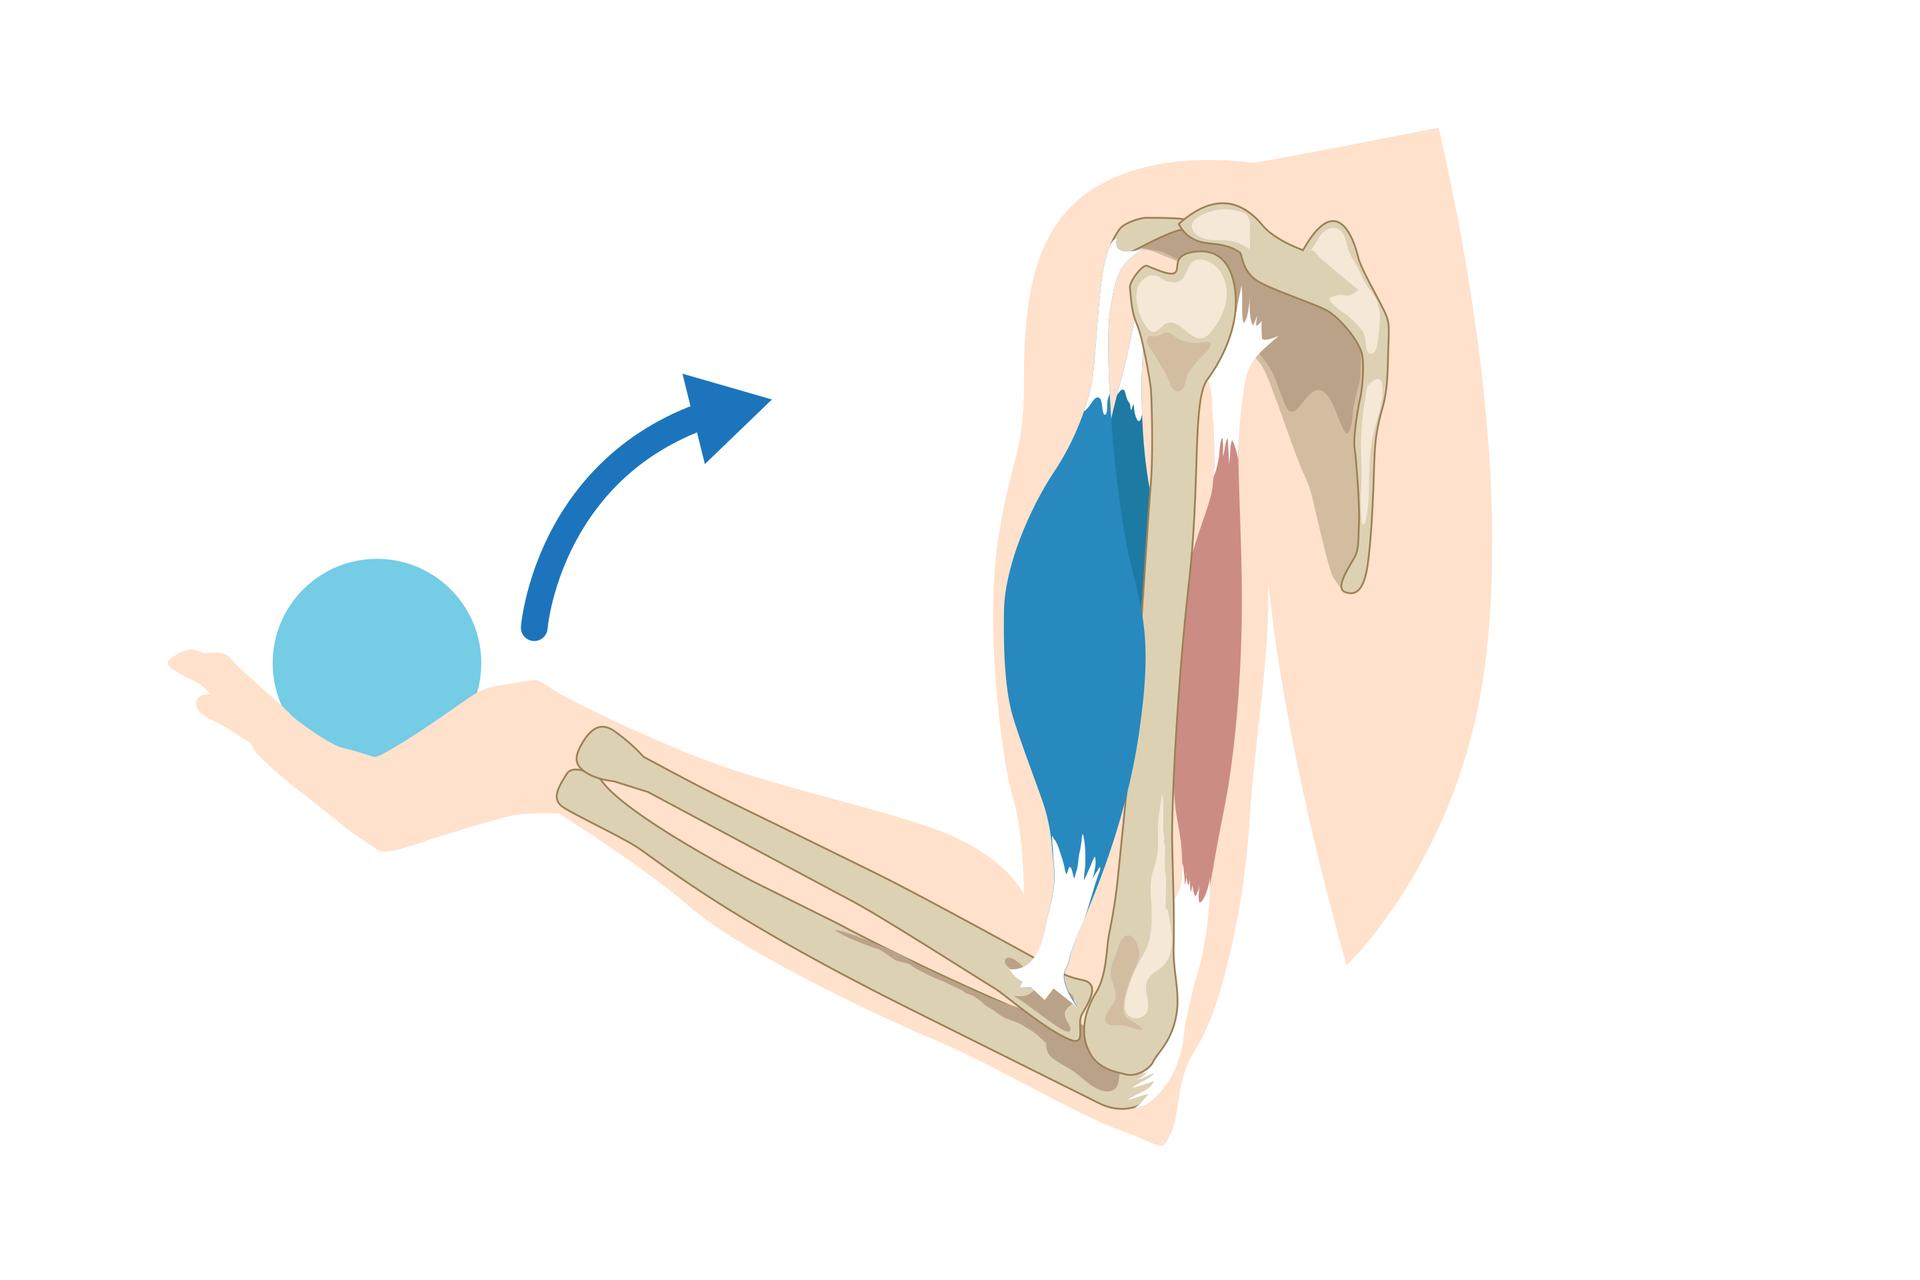 Schemat przedstawiający kończynę górną: widoczna kość ramieniowa iprzylegające do niej mięśnie: dwugłowy itrójgłowy, kości przedramienia, kości dłoni, która unosi ciężar iprzyciąga do siebie.